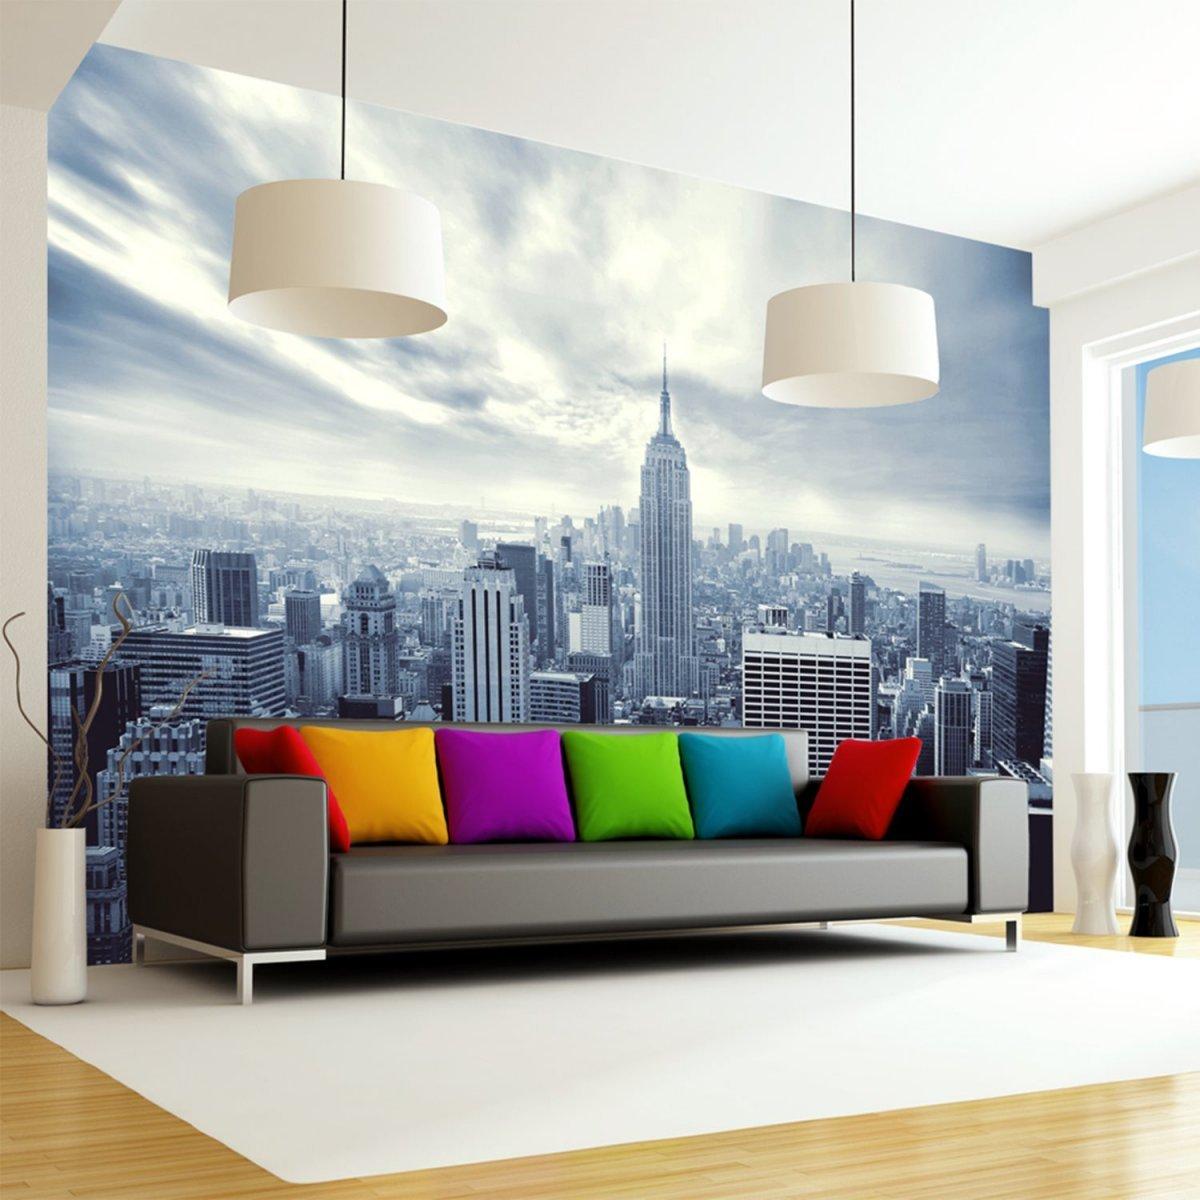 Φωτοταπετσαρίες τοίχου 150 x 105 εκ. | Mymegamarket.gr